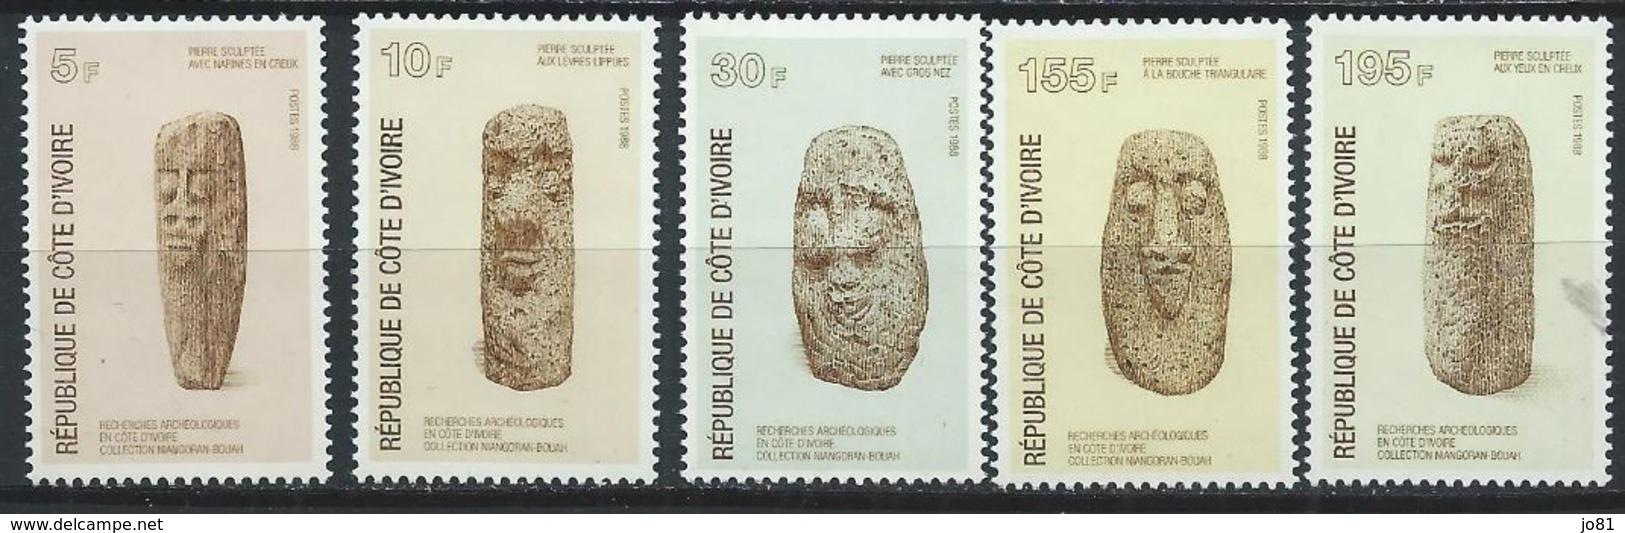 Côte D'Ivoire YT 803-807 XX / MNH - Côte D'Ivoire (1960-...)